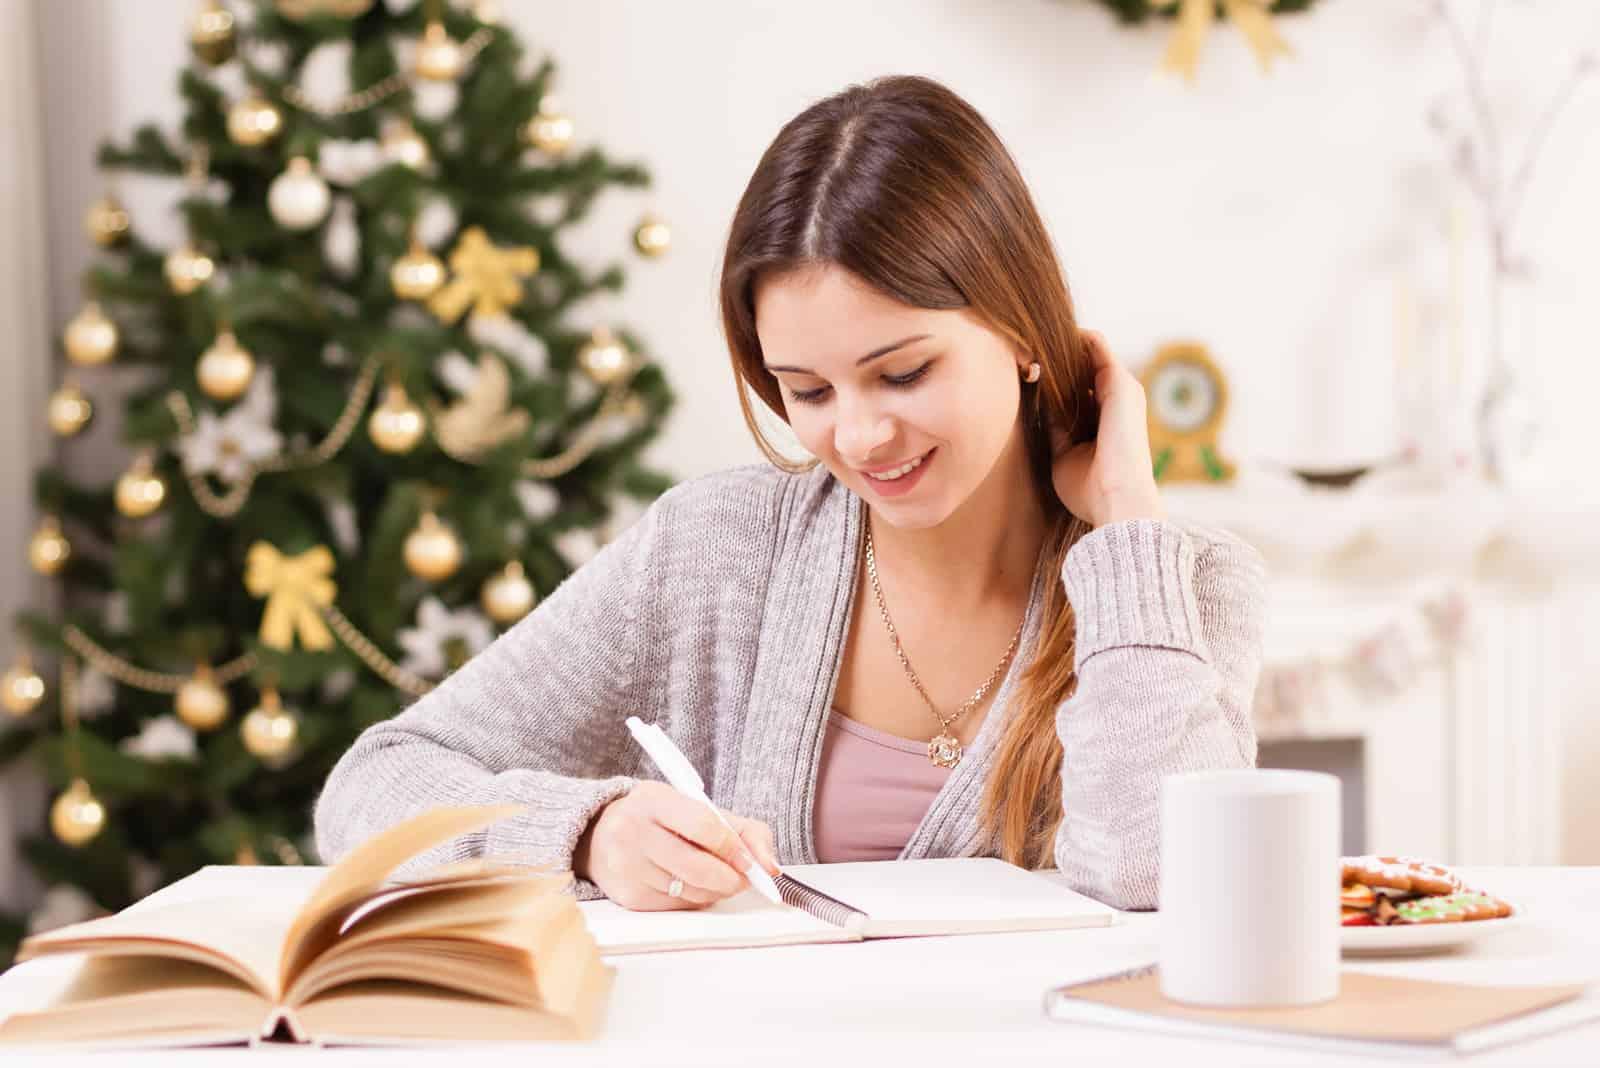 la femme rit en écrivant la lettre